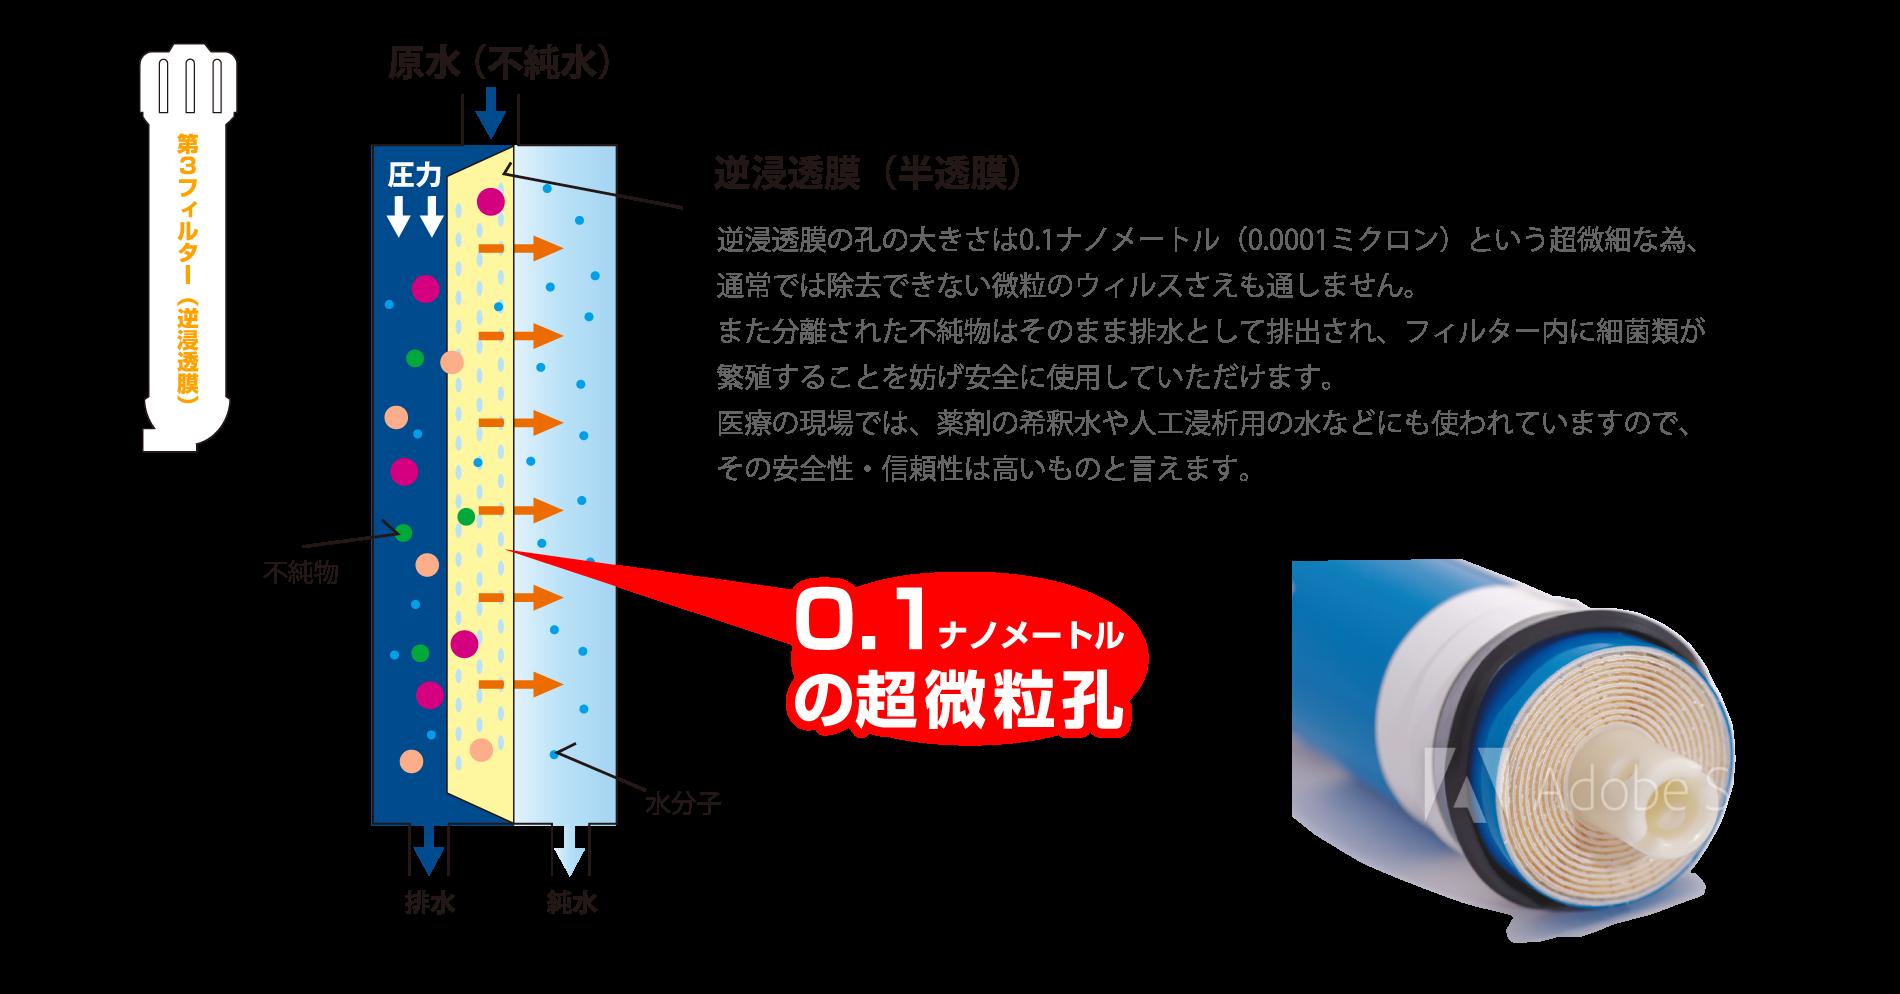 逆浸透膜の孔の大きさは0.1ナノメートル(0.0001ミクロン)という超微細な為、通常では除去できない微粒のウィルスさえも通しません。 また分離された不純物はそのまま排水として排出され、フィルター内に細菌類が繁殖することを妨げ安全に使用していただけます。 医療の現場では、薬剤の希釈水や人工浸析用の水などにも使われていますので、その安全性・信頼性は高いものと言えます。